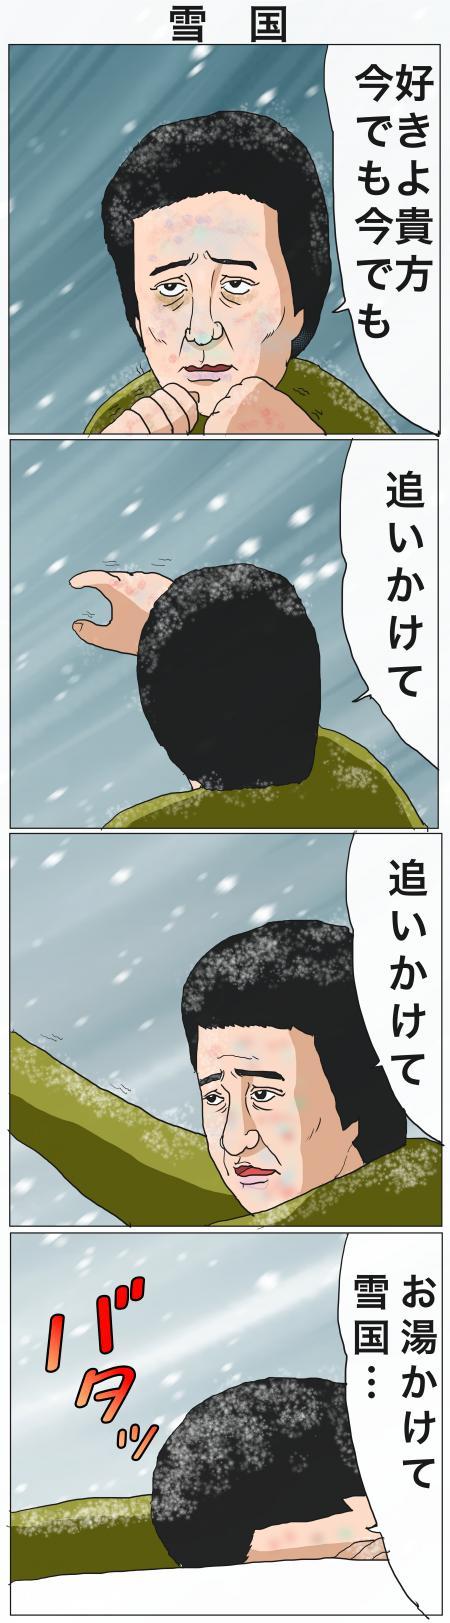 雪国+のコピー_convert_20150407050314